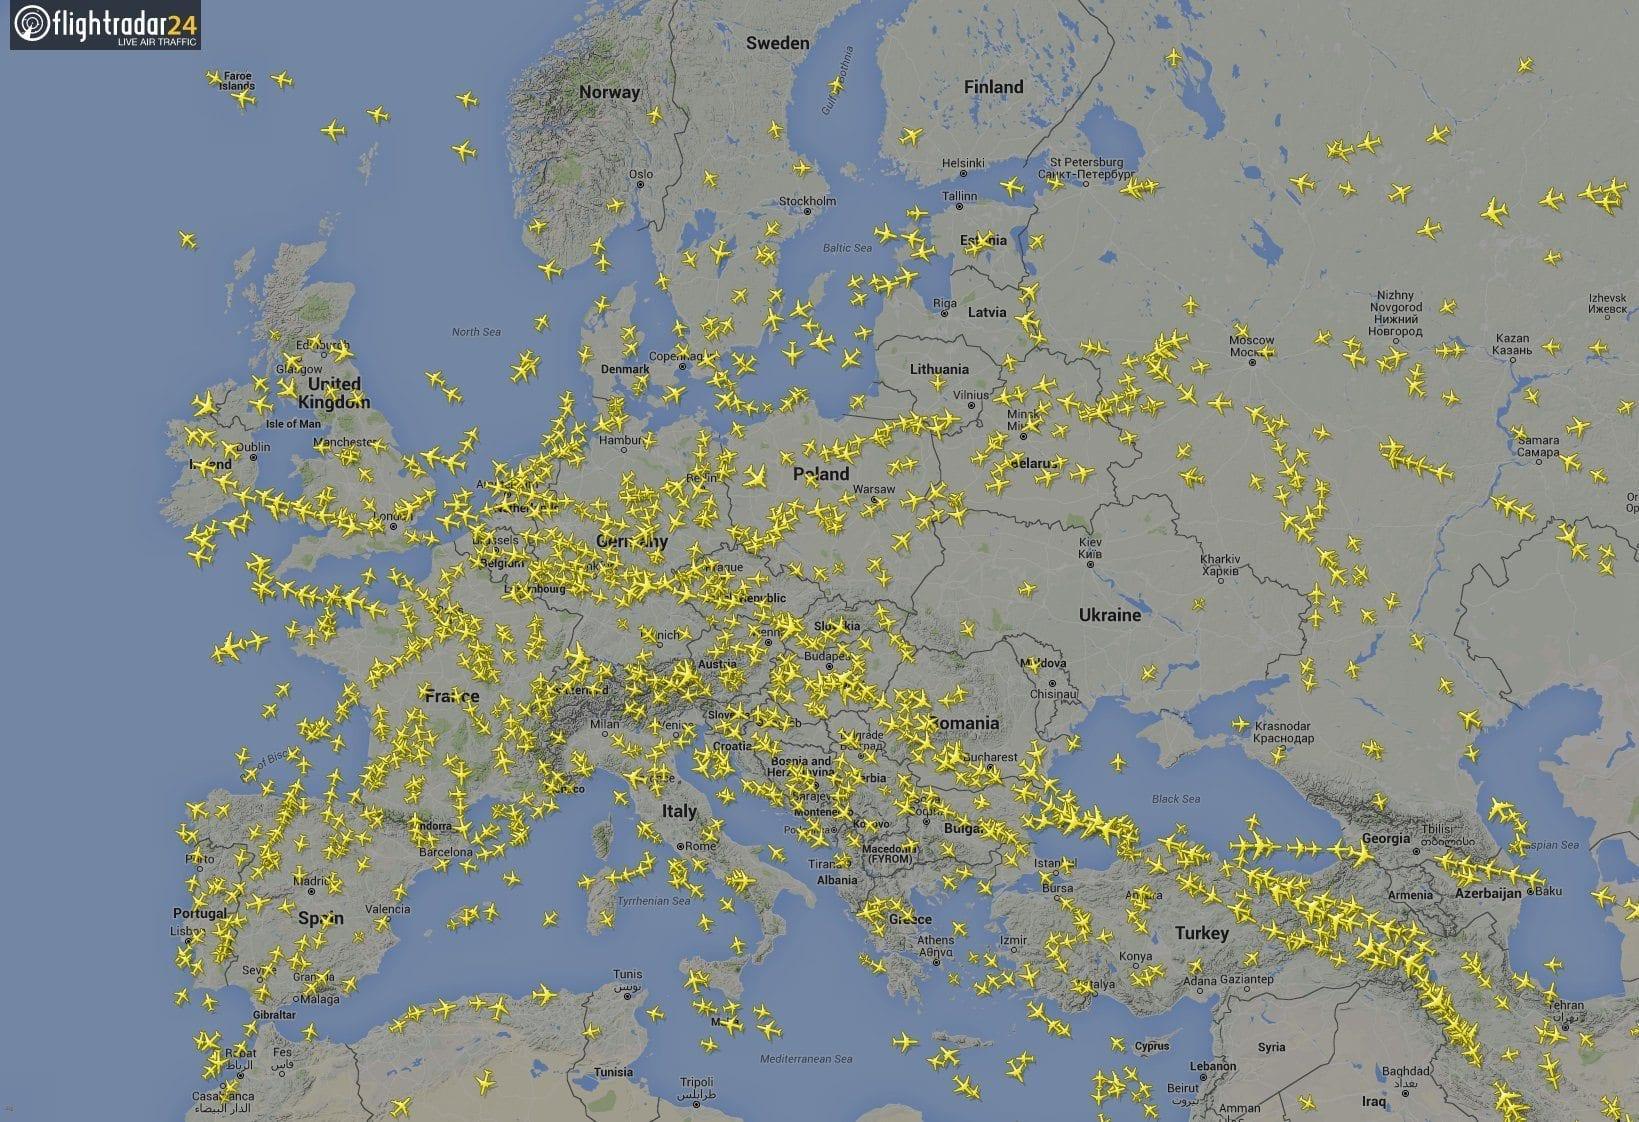 Flightradar24 Europa